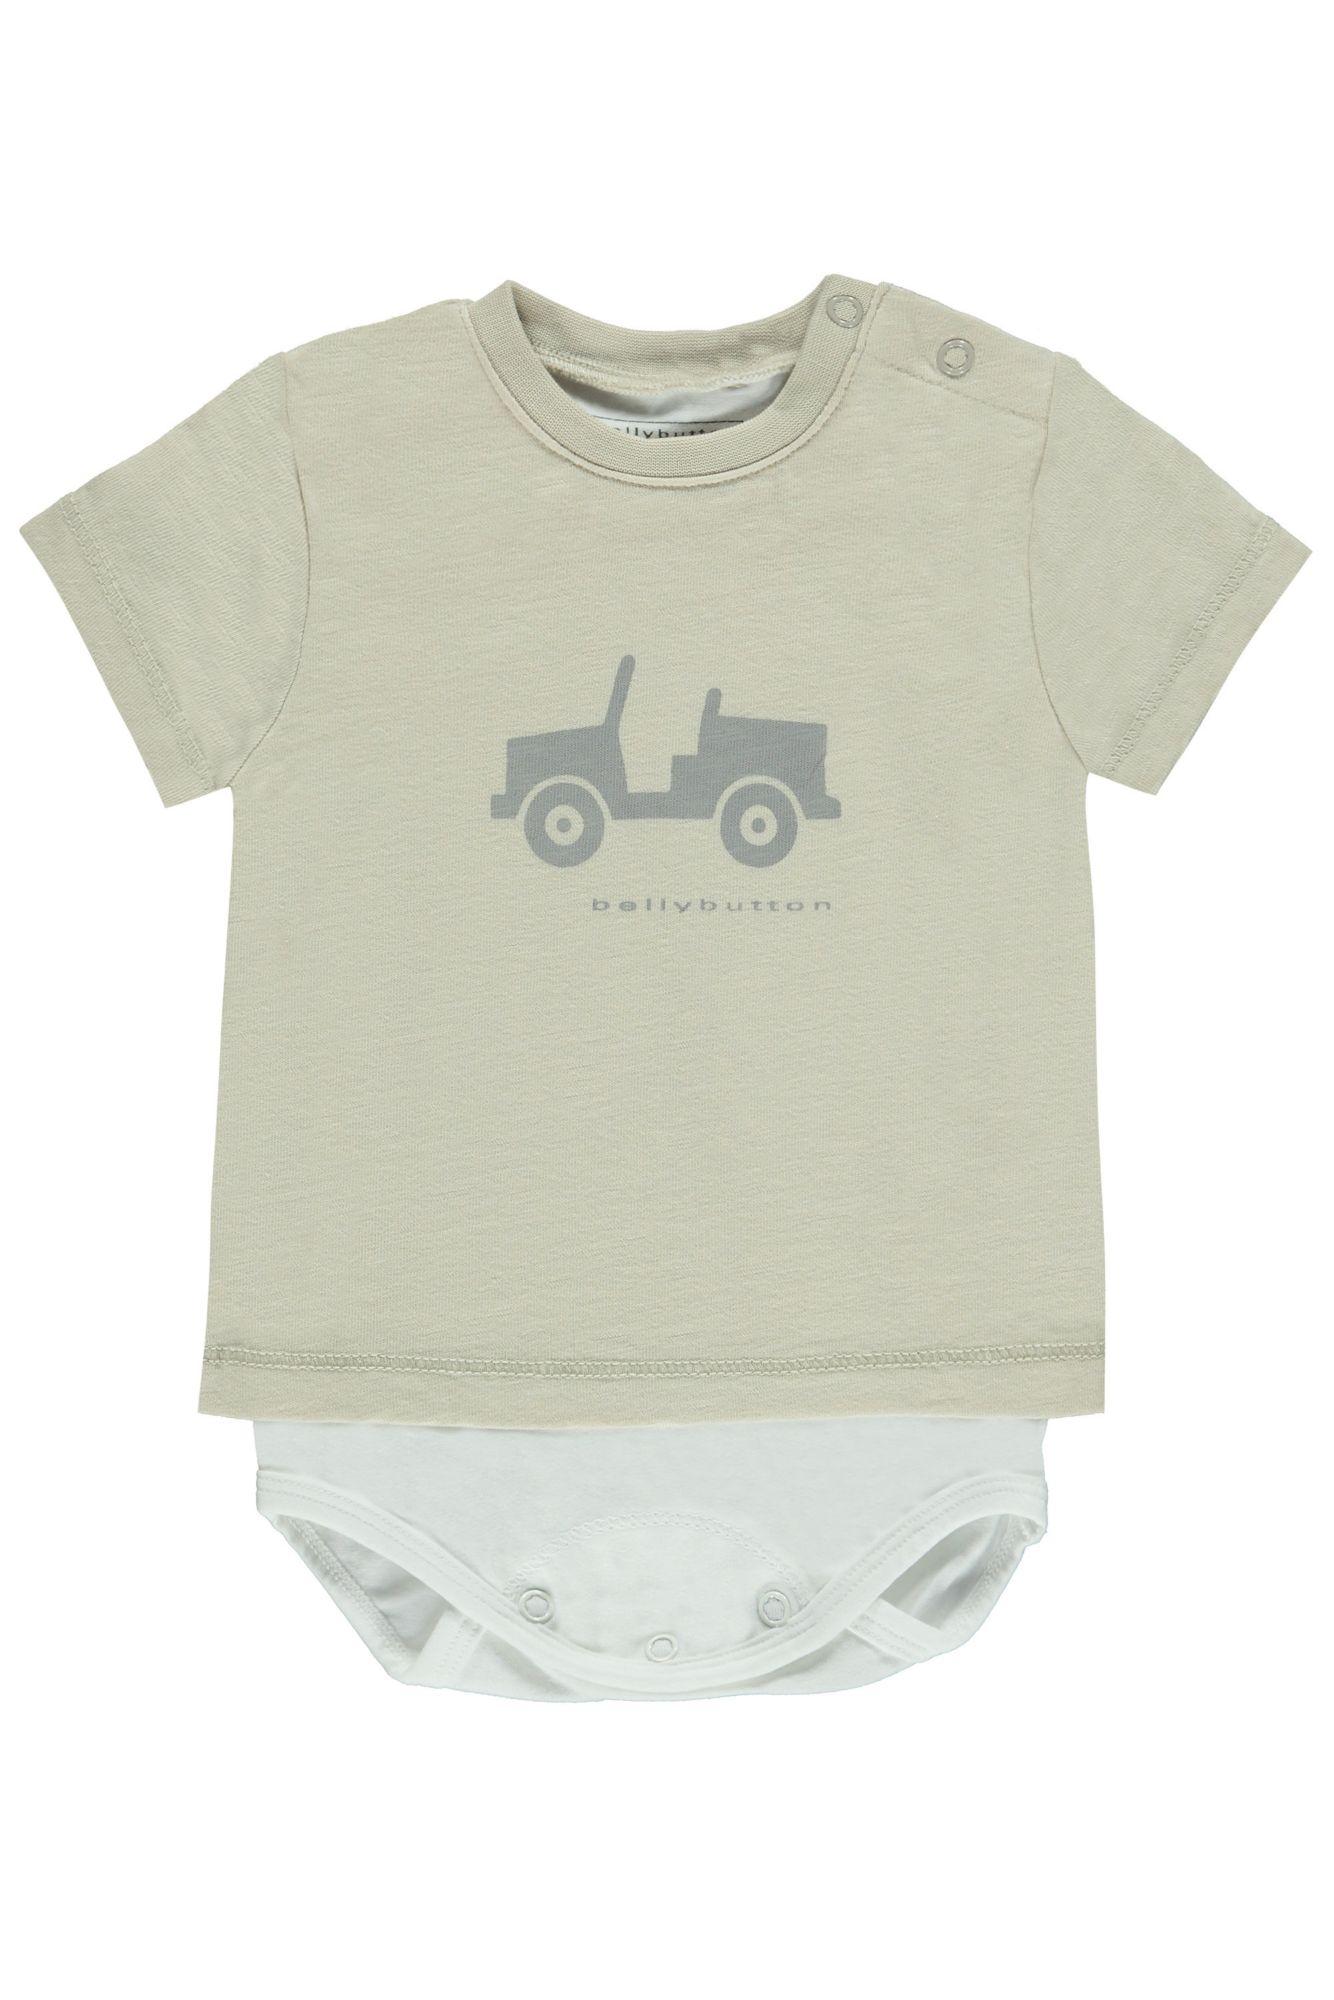 BELLYBUTTON  2in1 Body mit Shirt, Print Motiv vorn